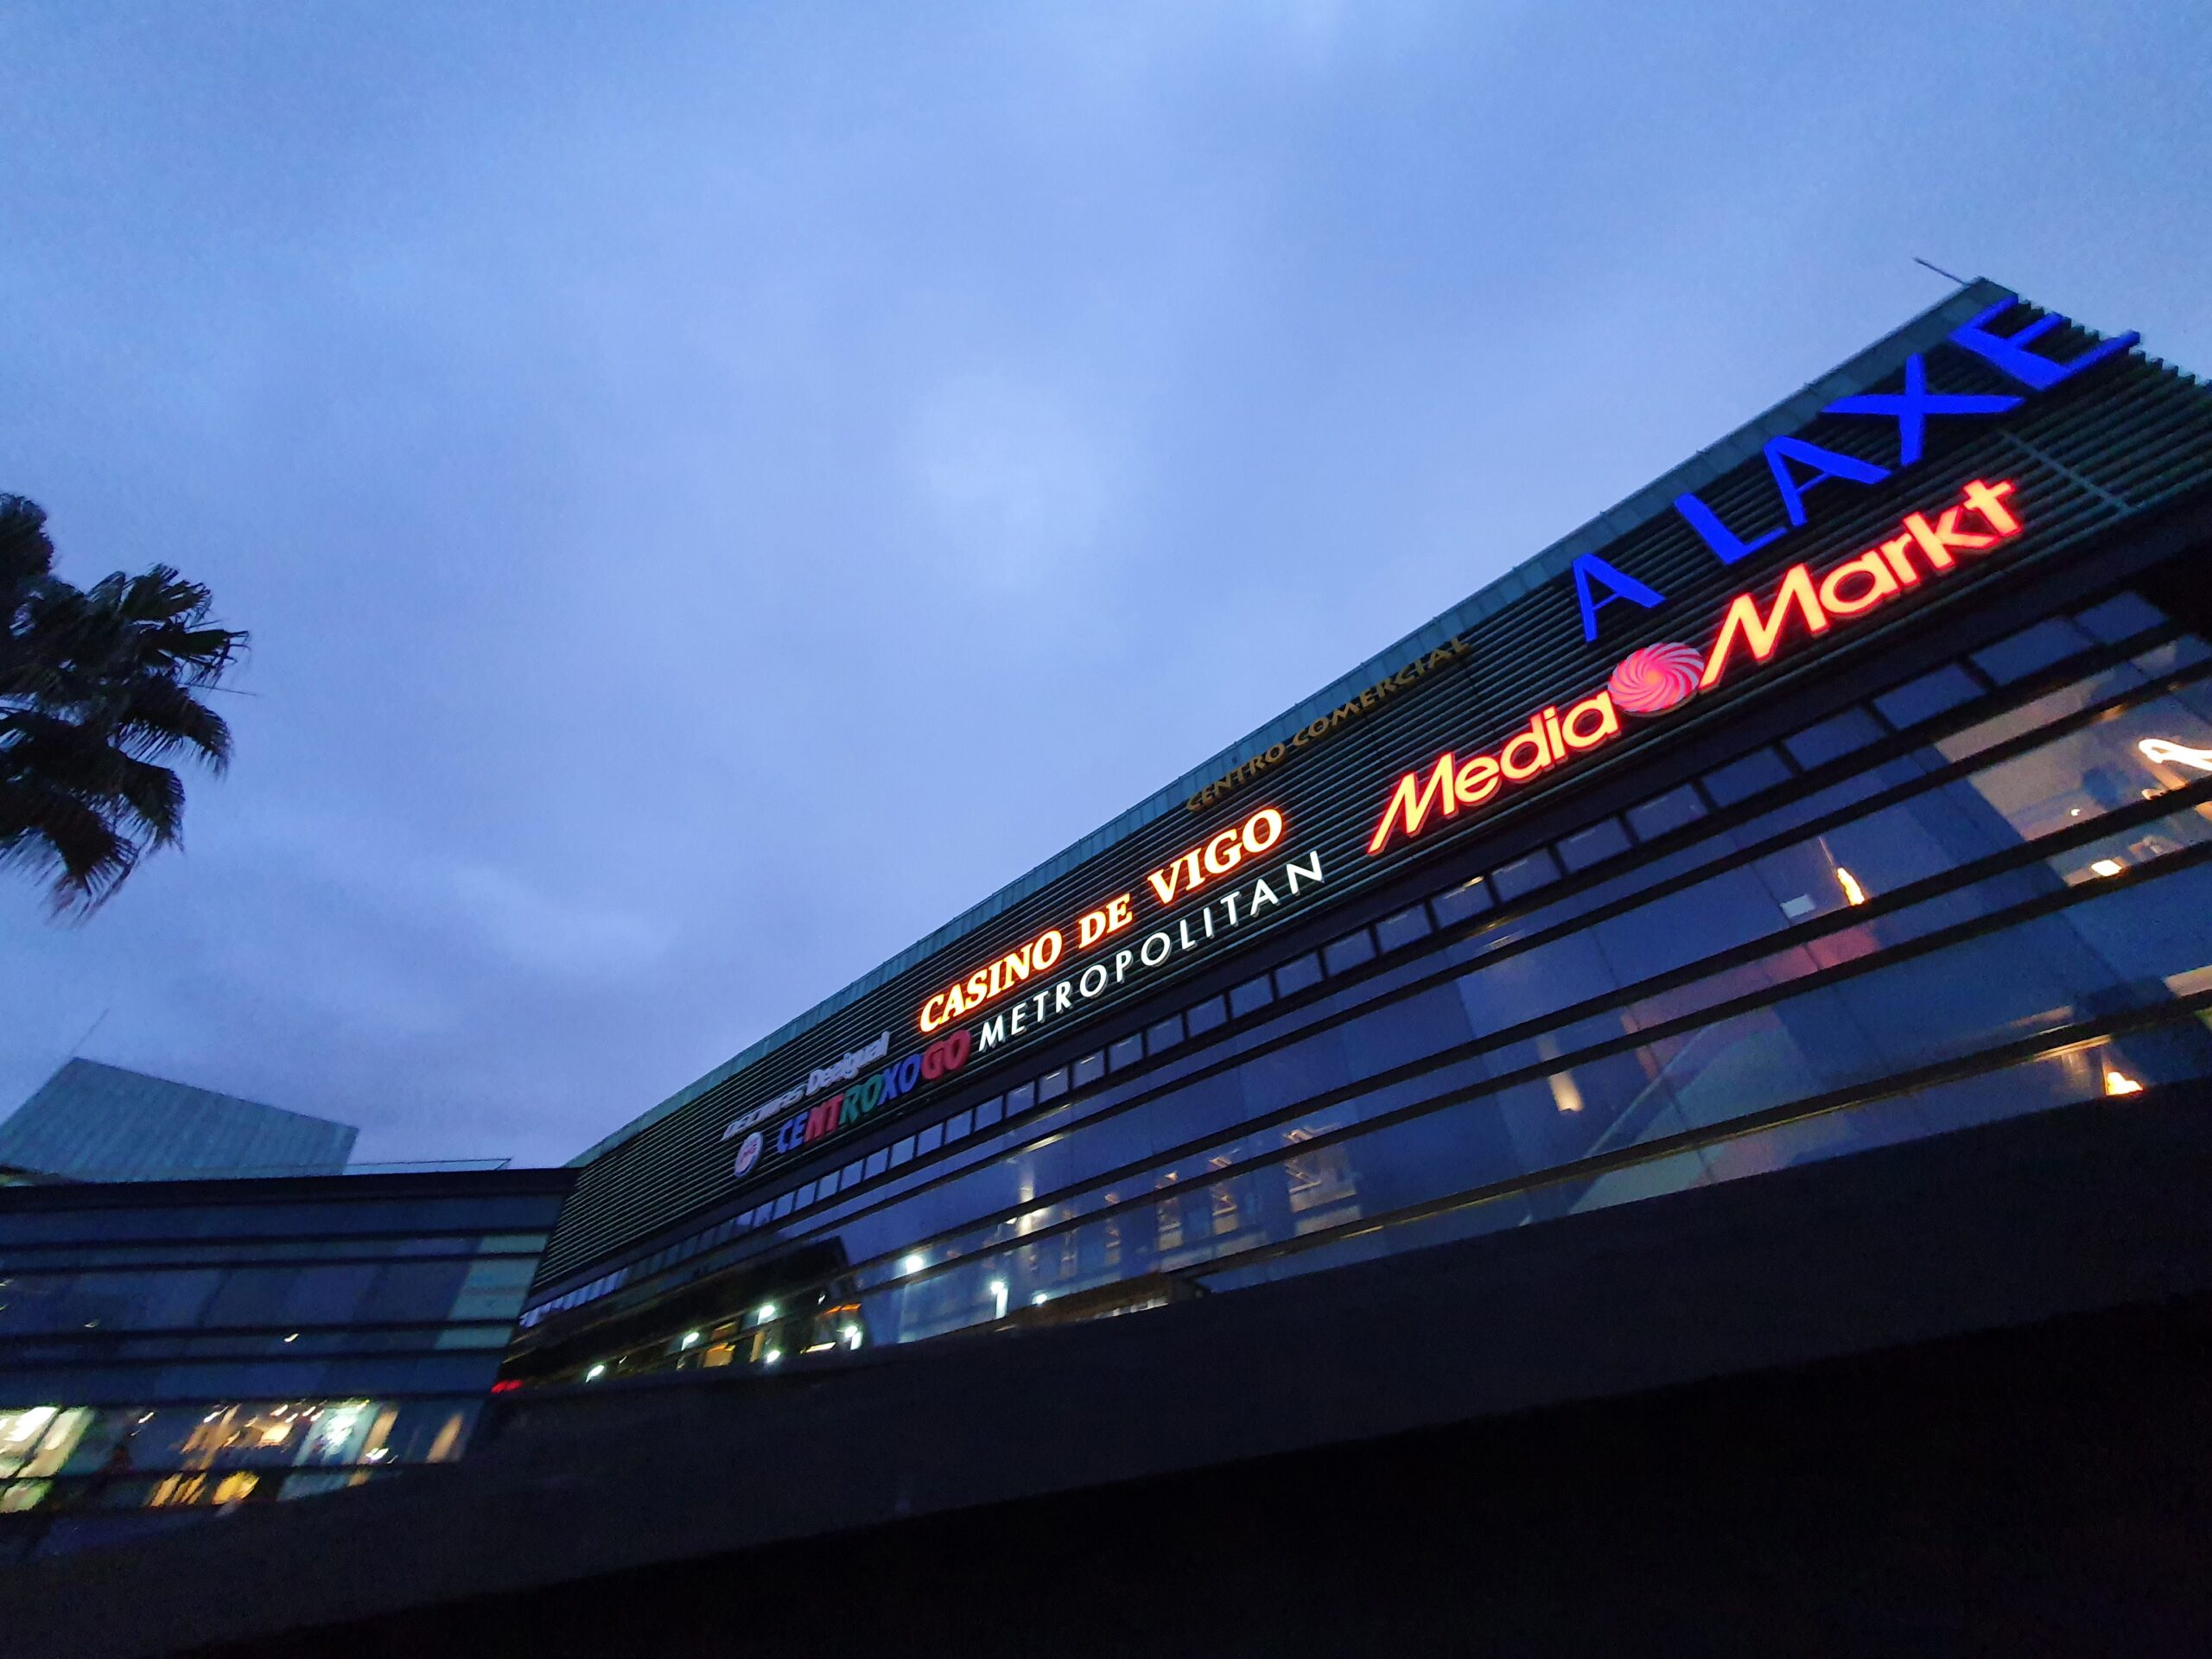 En Vigo poden abrir casinos e bingos e a Xunta autoriza concertos con 2.500 persoas